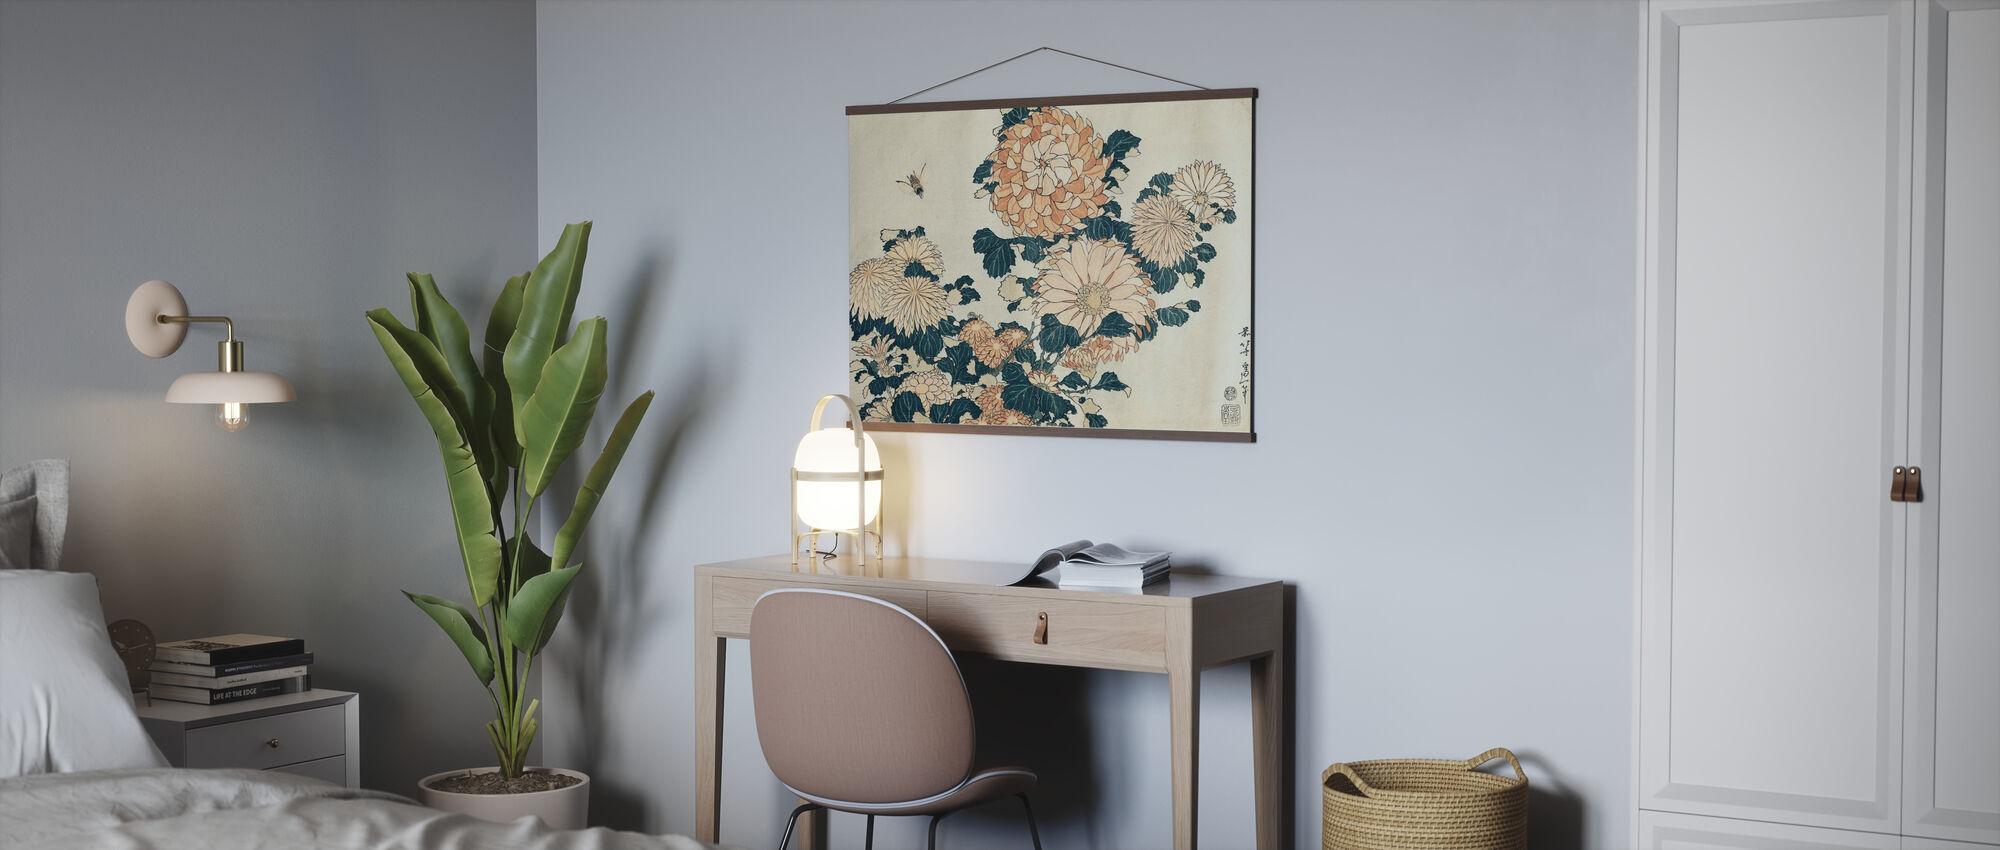 Chrysanthemums, Katsushika Hokusai - Poster - Office